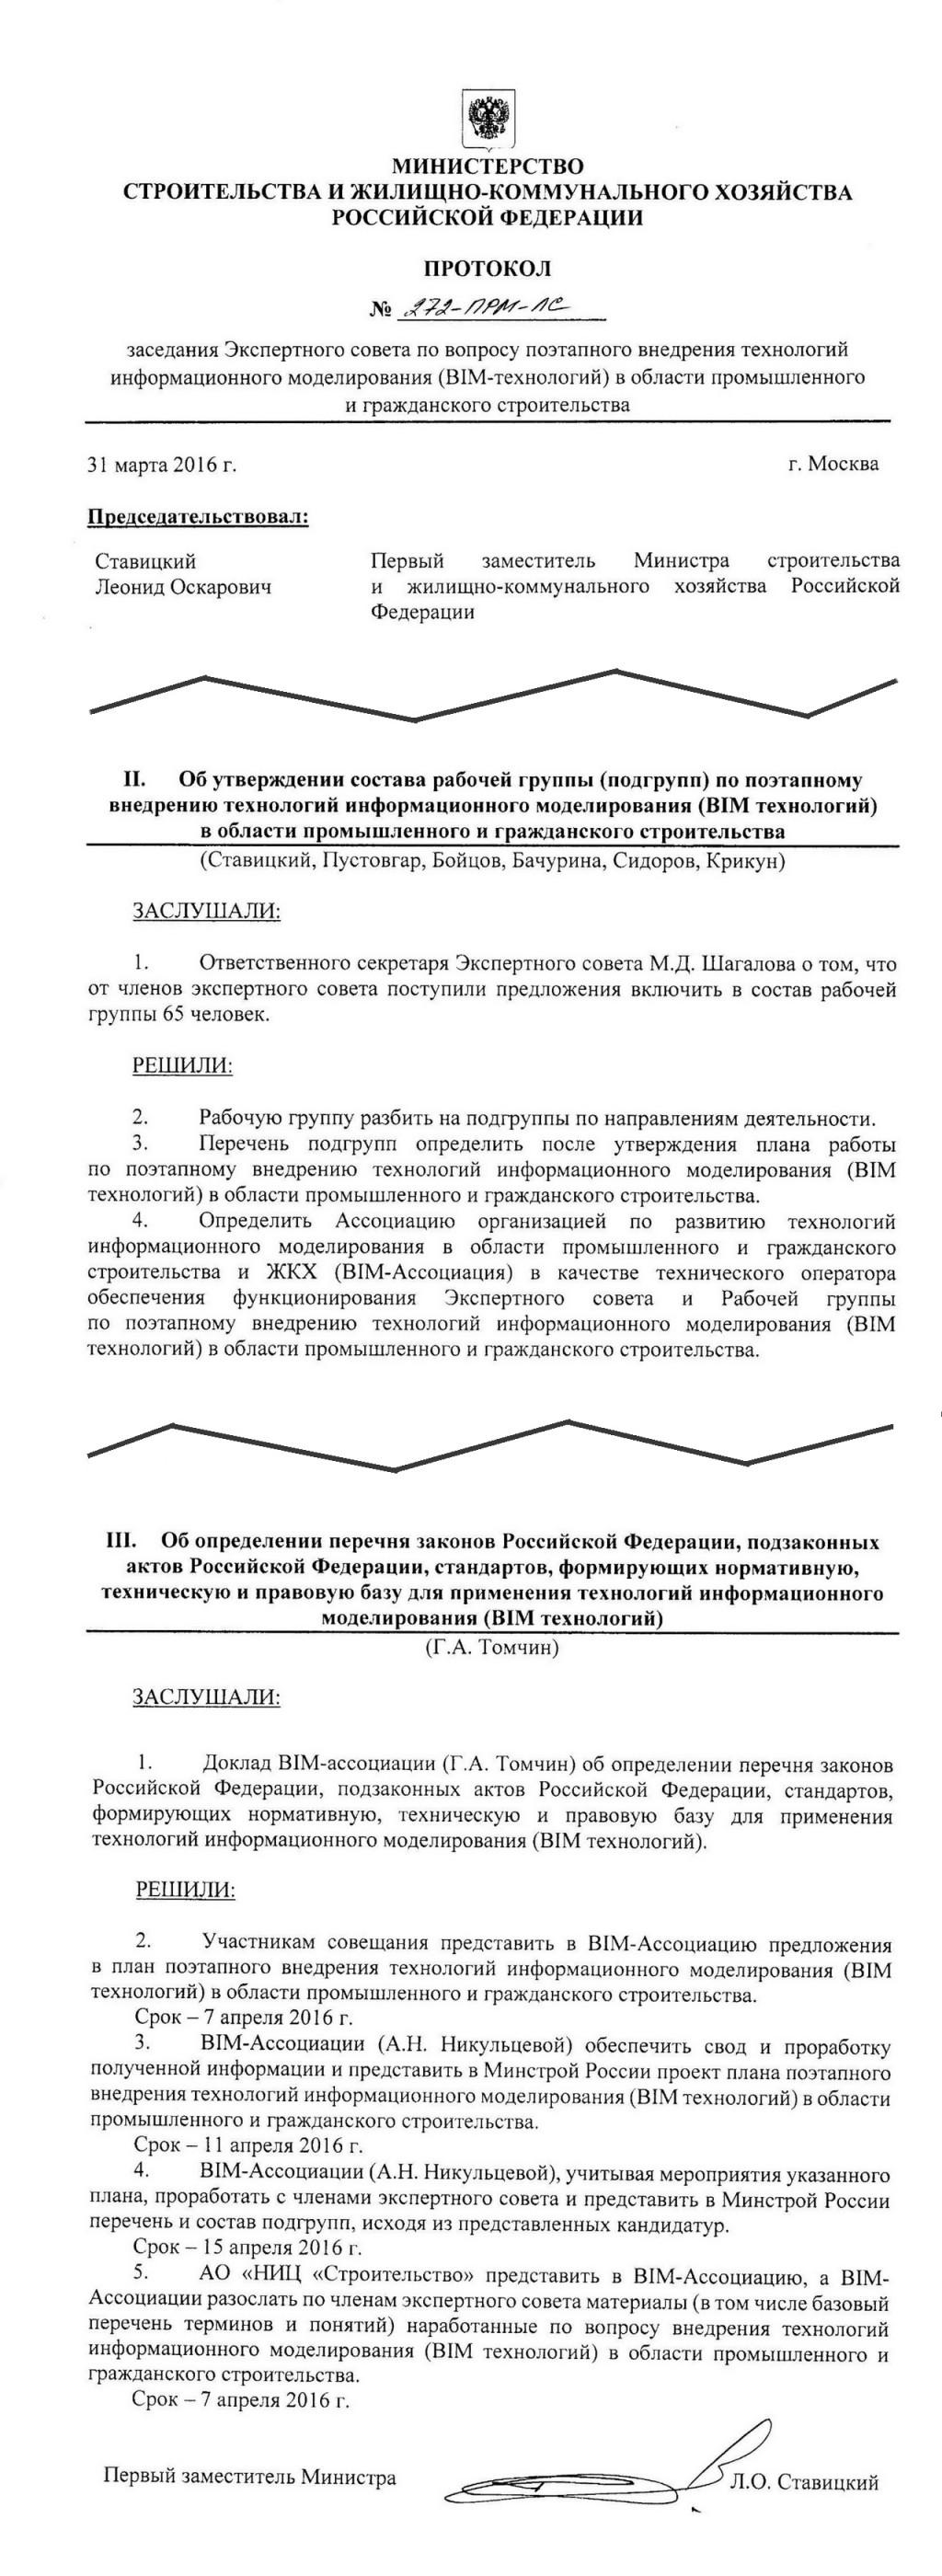 II заседание Экспертного совета по BIM-технологиям при Минстрое России